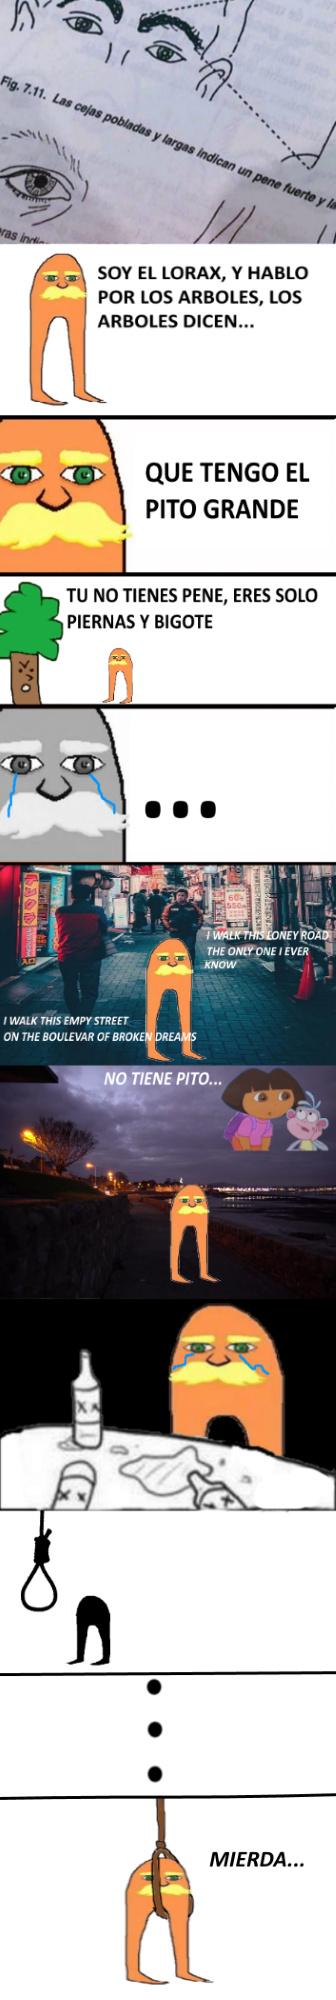 R.I.P memes de cejas, eran una mierda